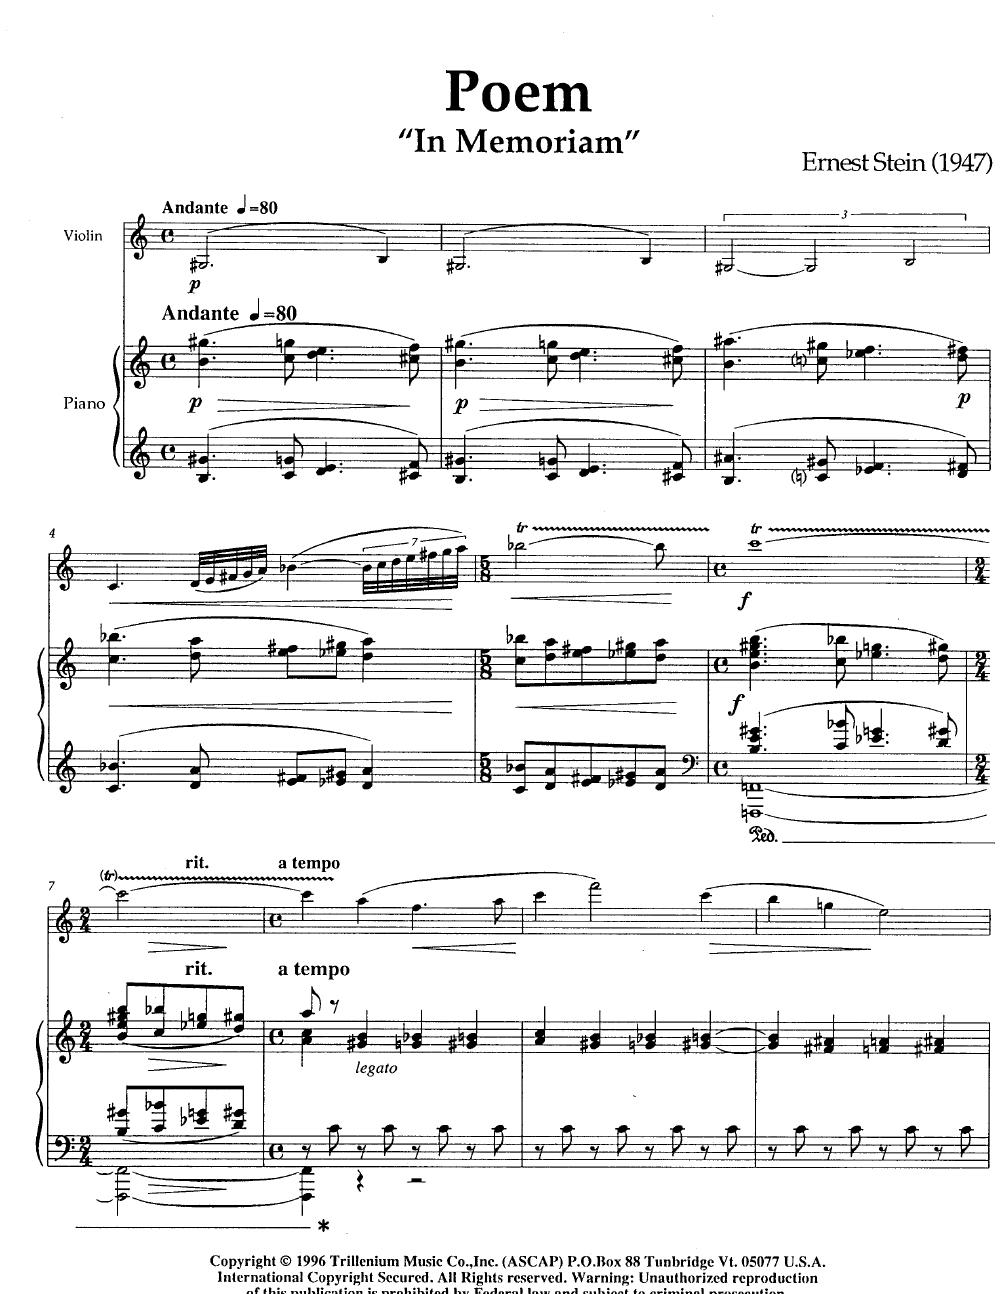 Poem in Memoriam-Violin Thumbnail